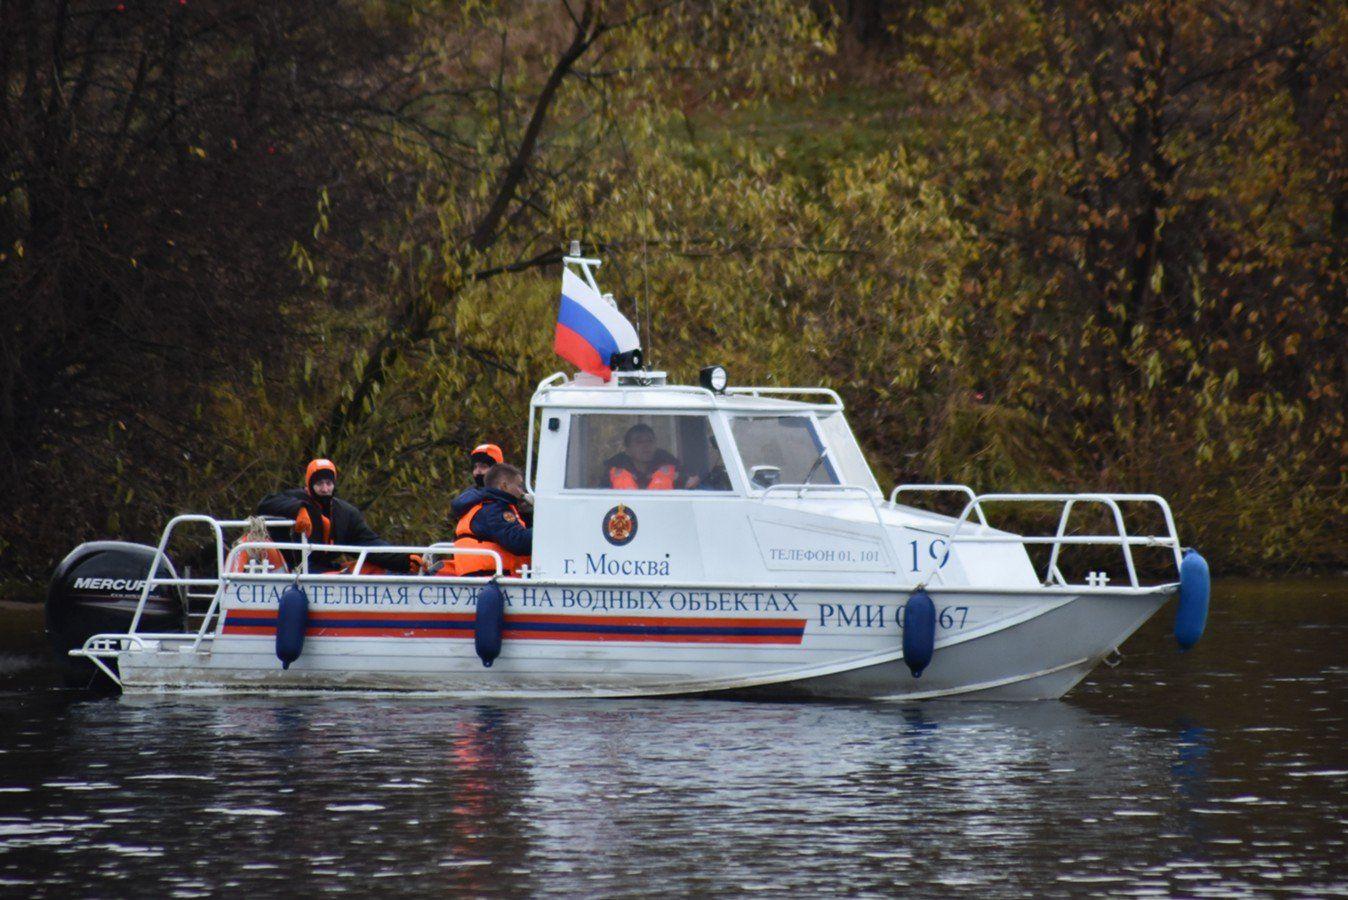 Спасатели Московской городской поисково-спасательной службы на водных объектах перешли на усиленный режим работы